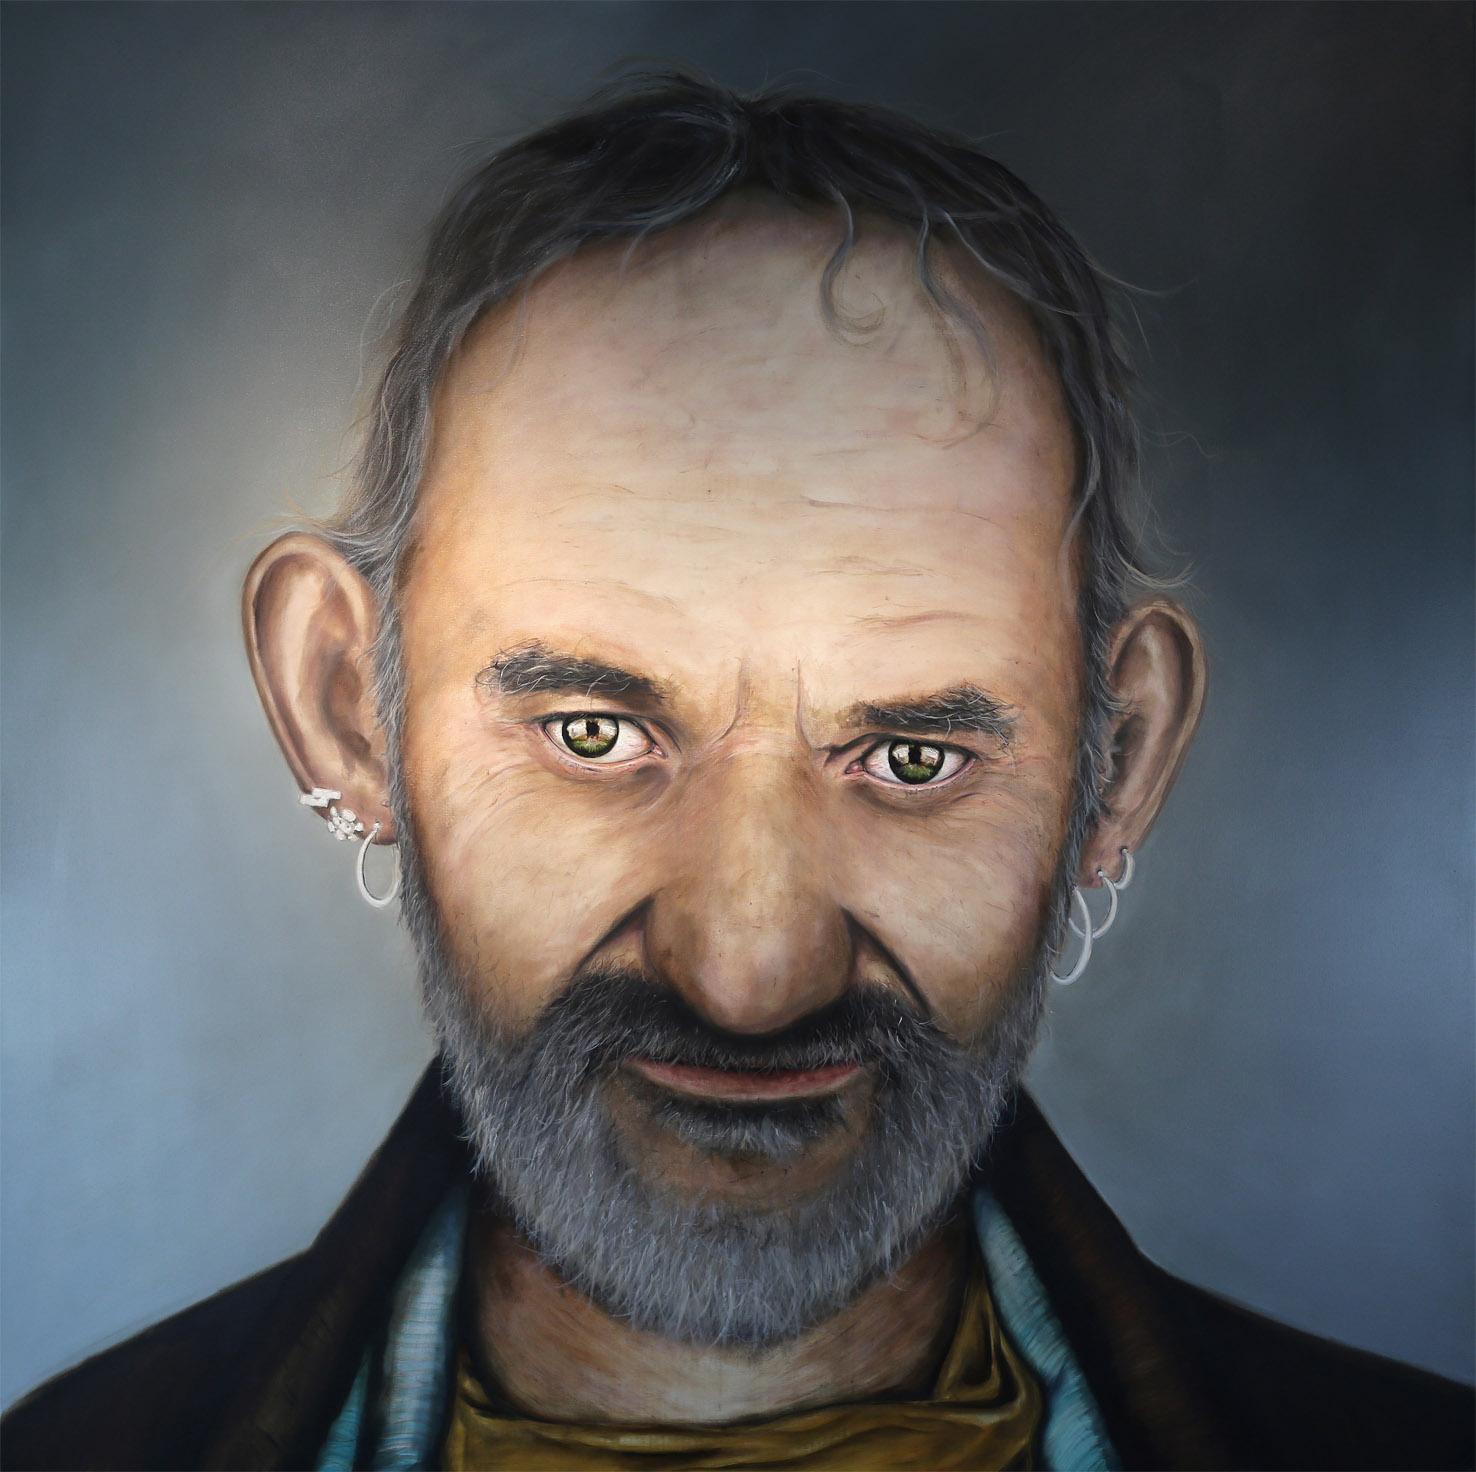 Matthias vom Ringerbrunnen - 150 x 150 cm Öl auf Leinwand 2015 Dirk Wink-Hartmann